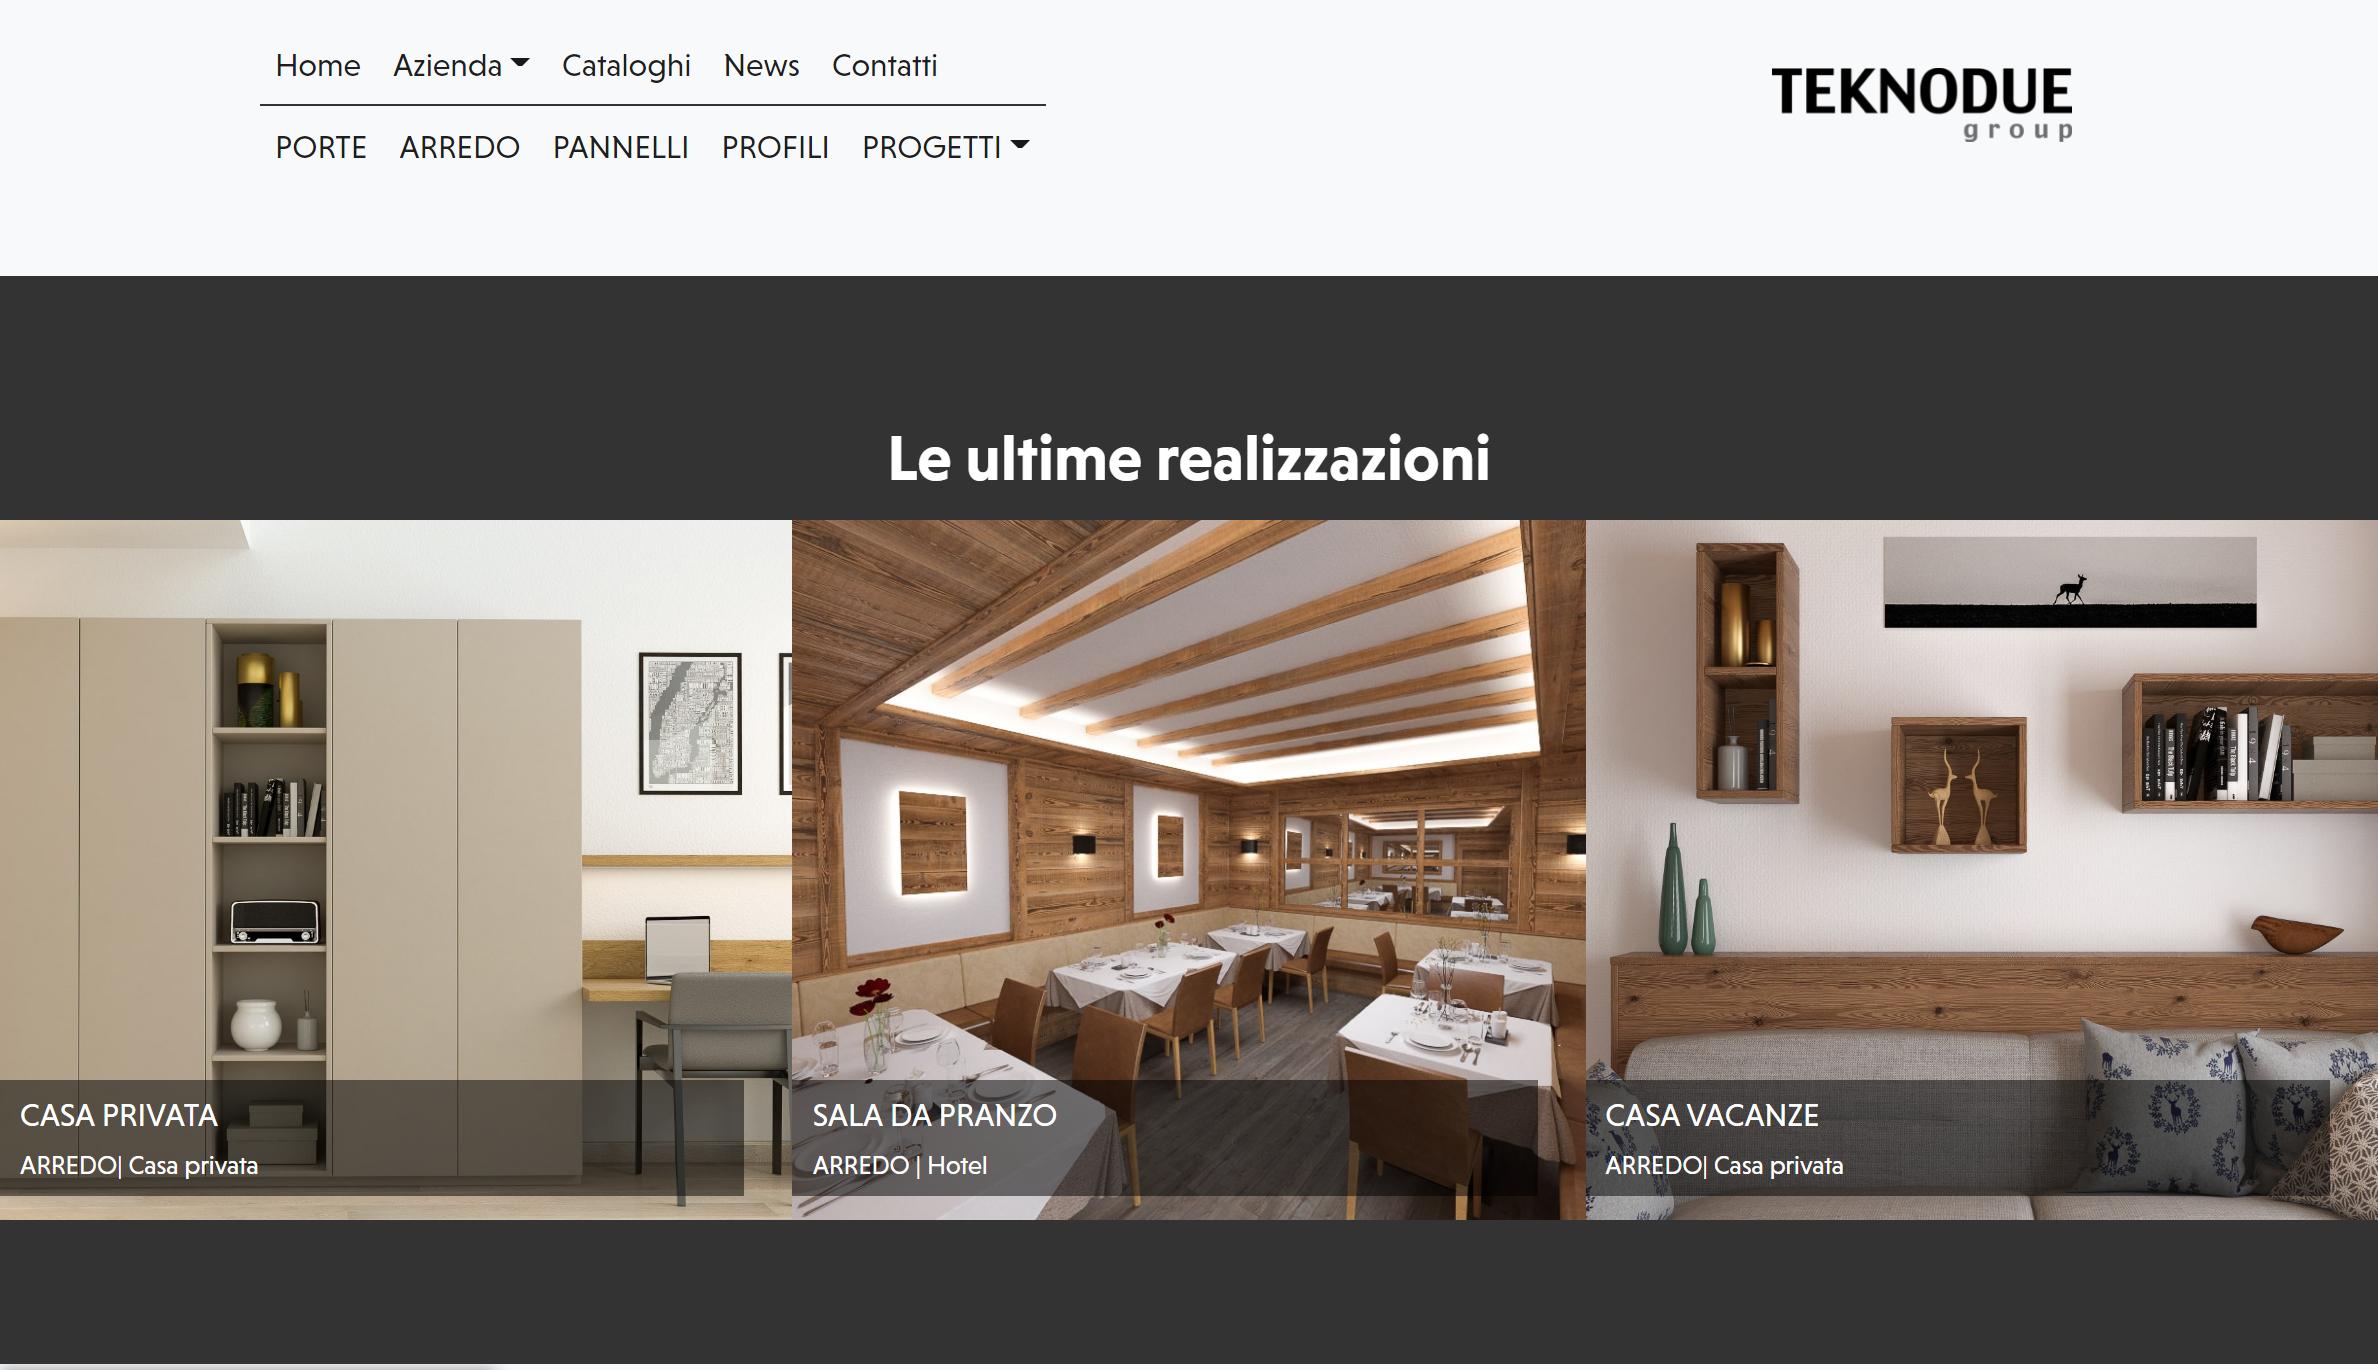 La sezione delle ultime realizzazione in home page